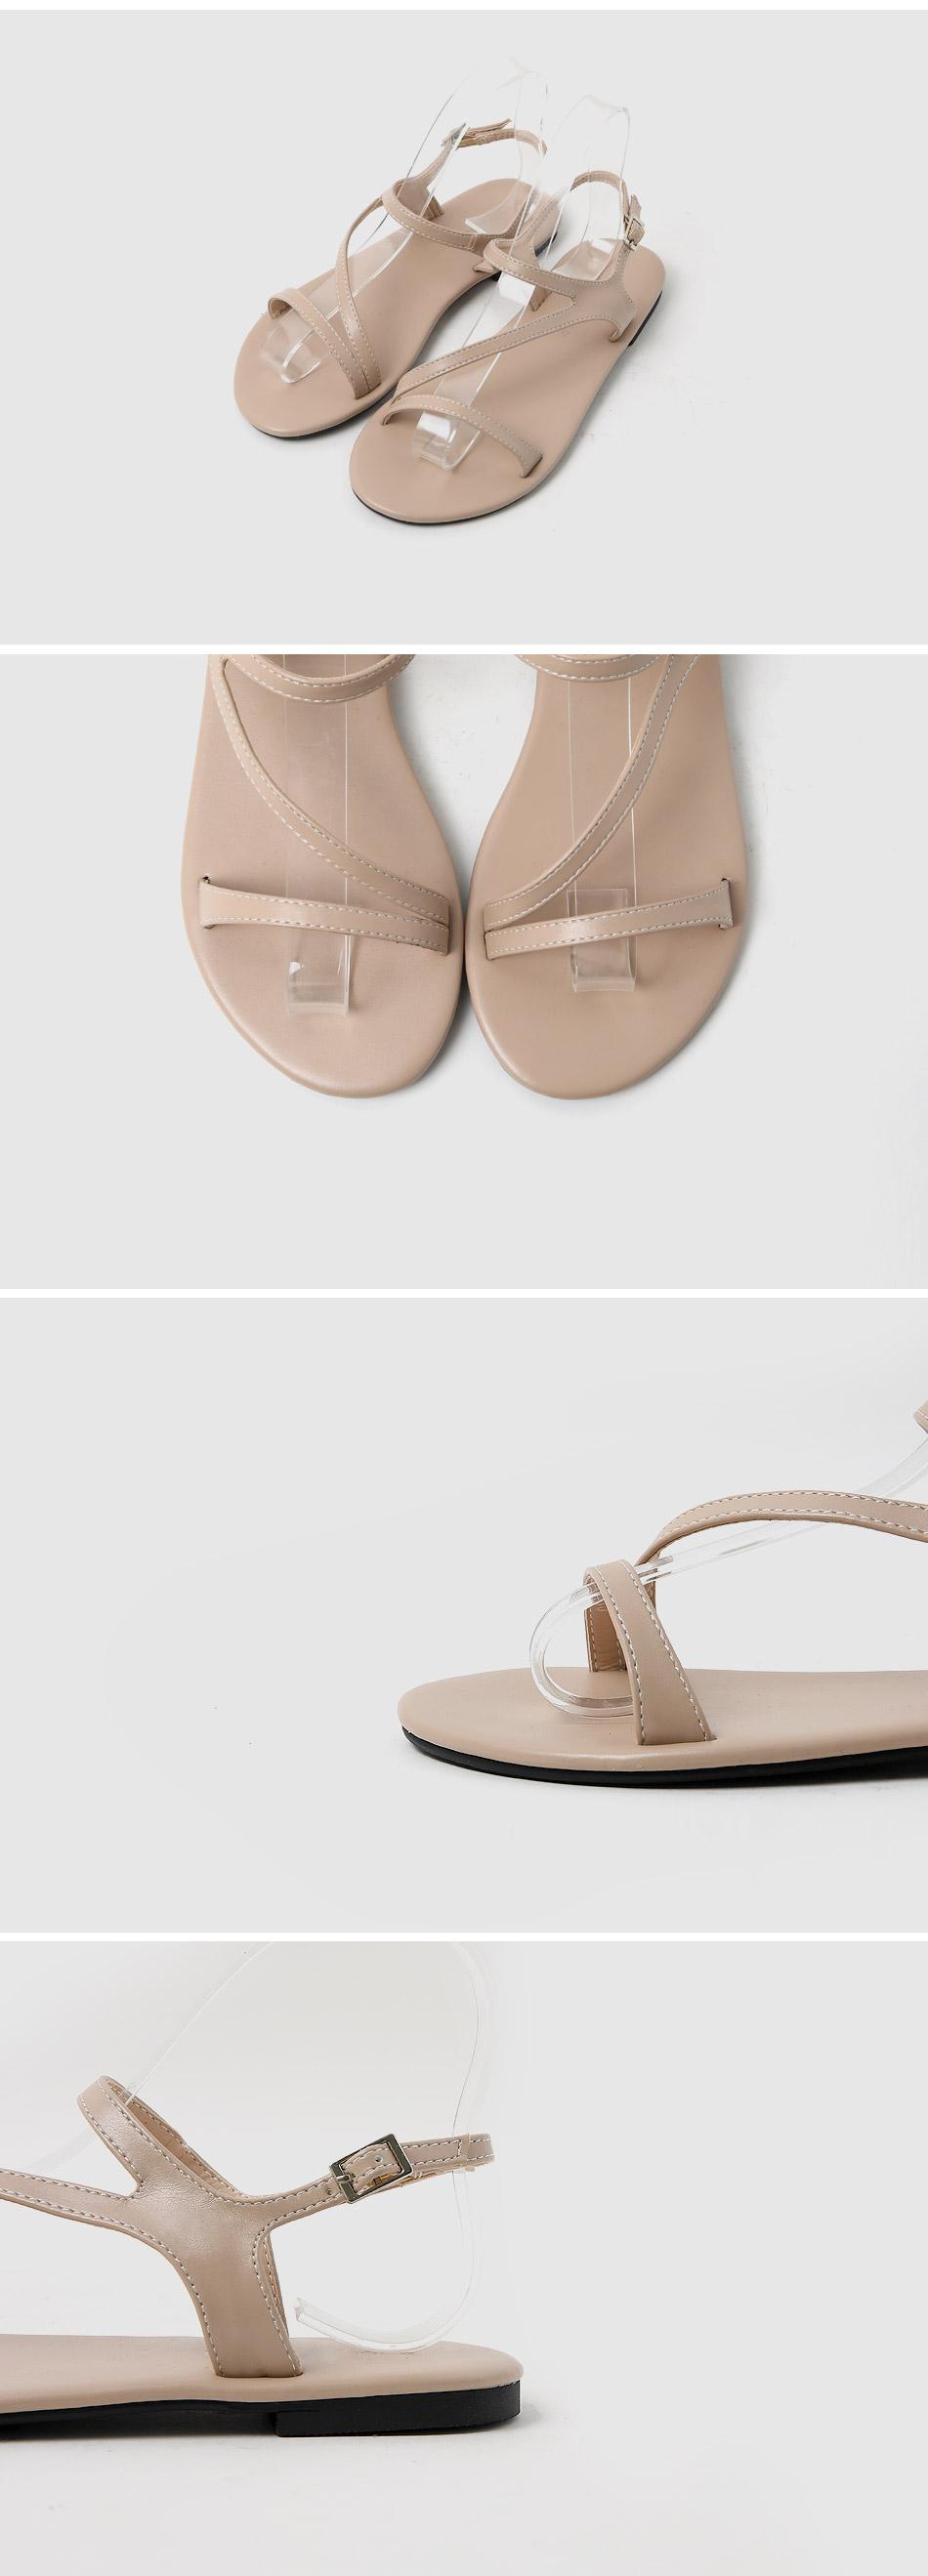 Tzelron Slingback Sandals 1cm